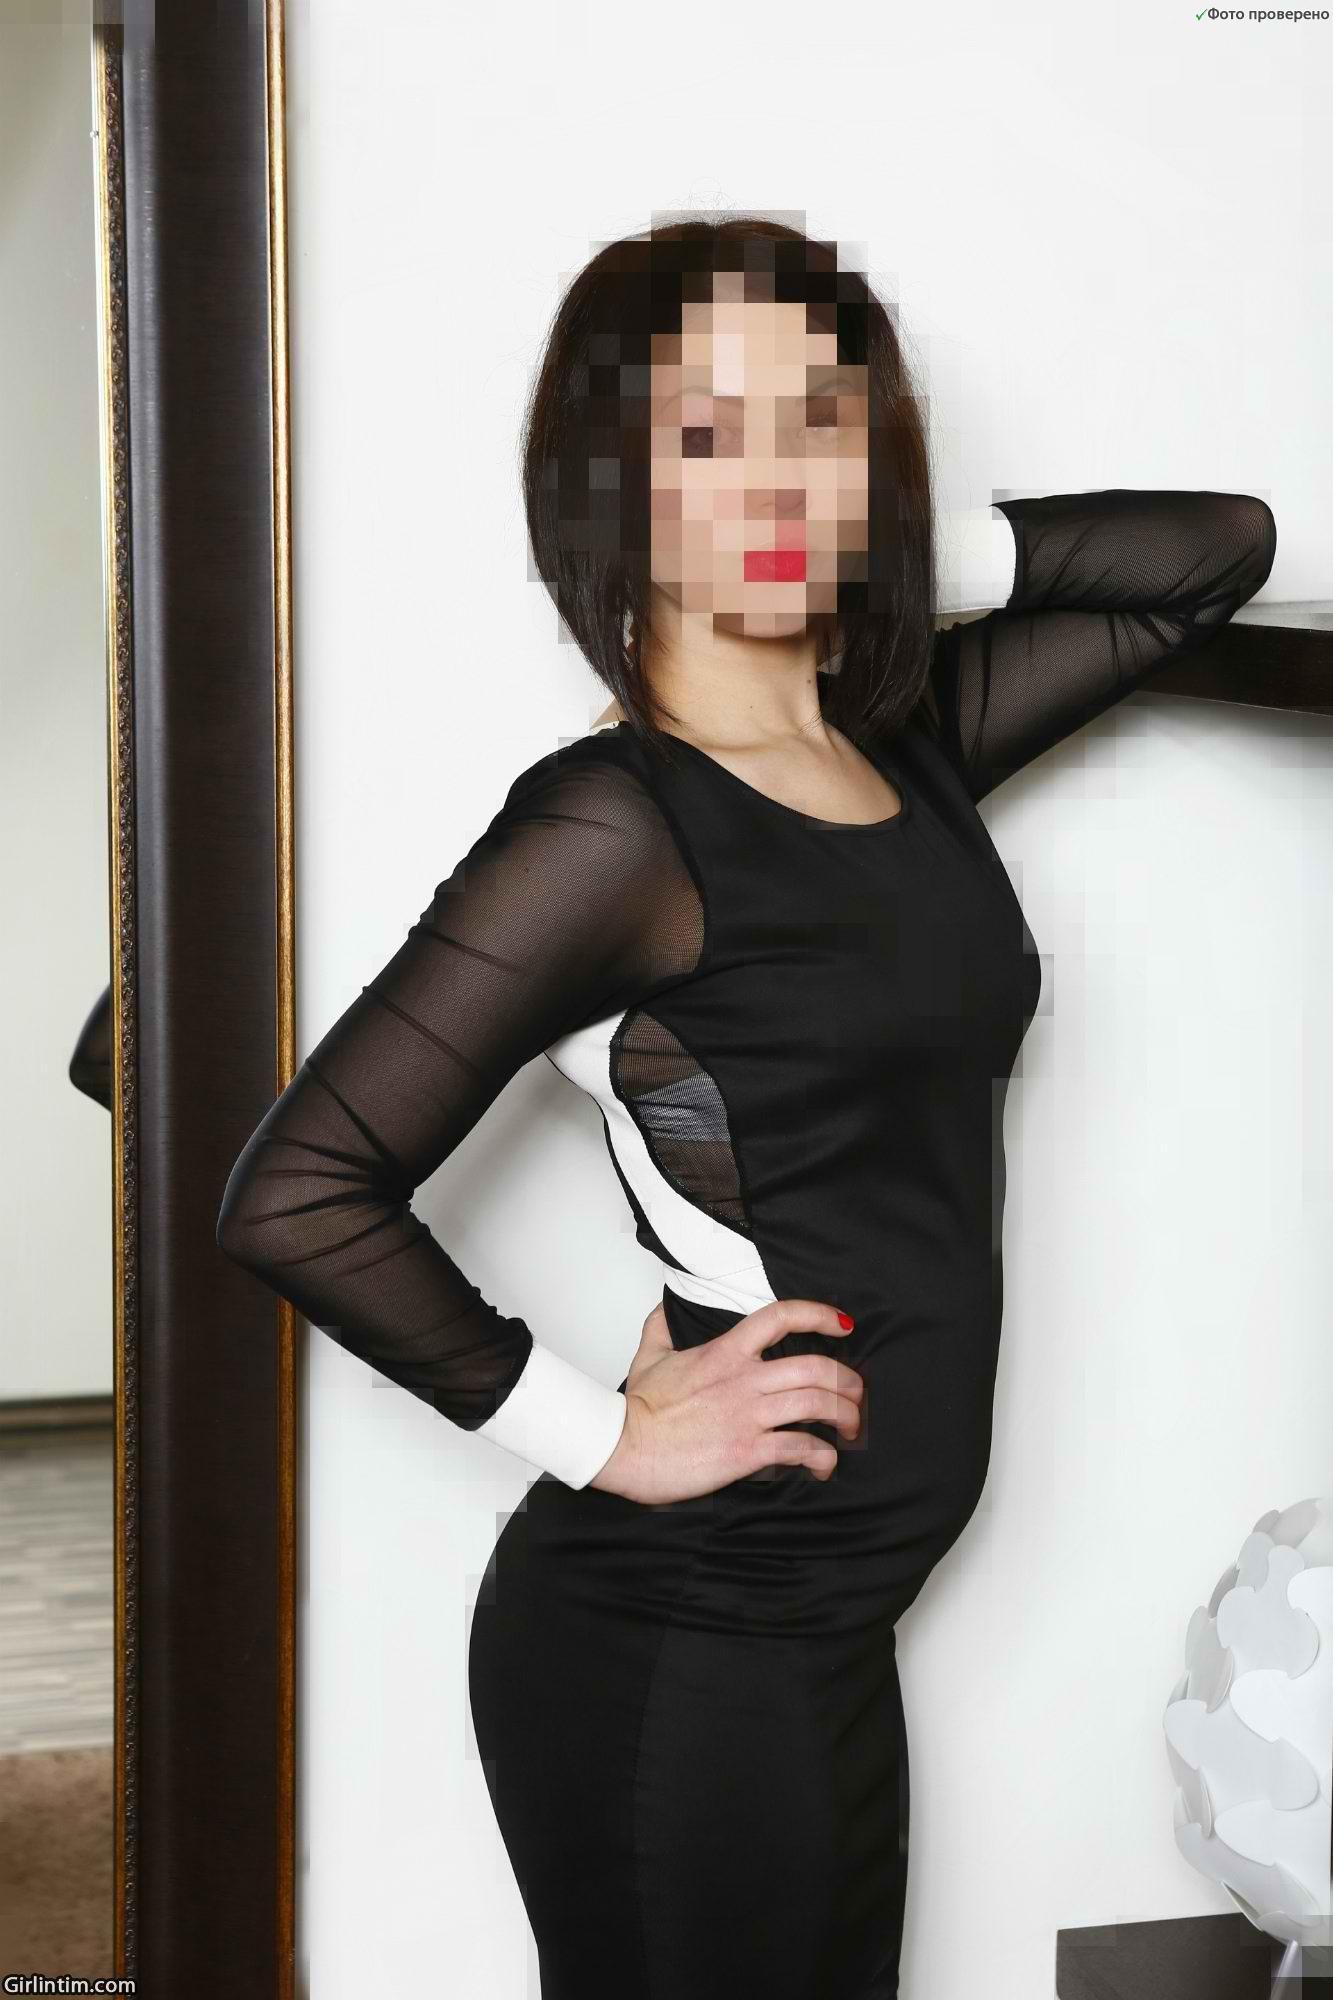 Проститутки киева поиск по параметрам 21 фотография